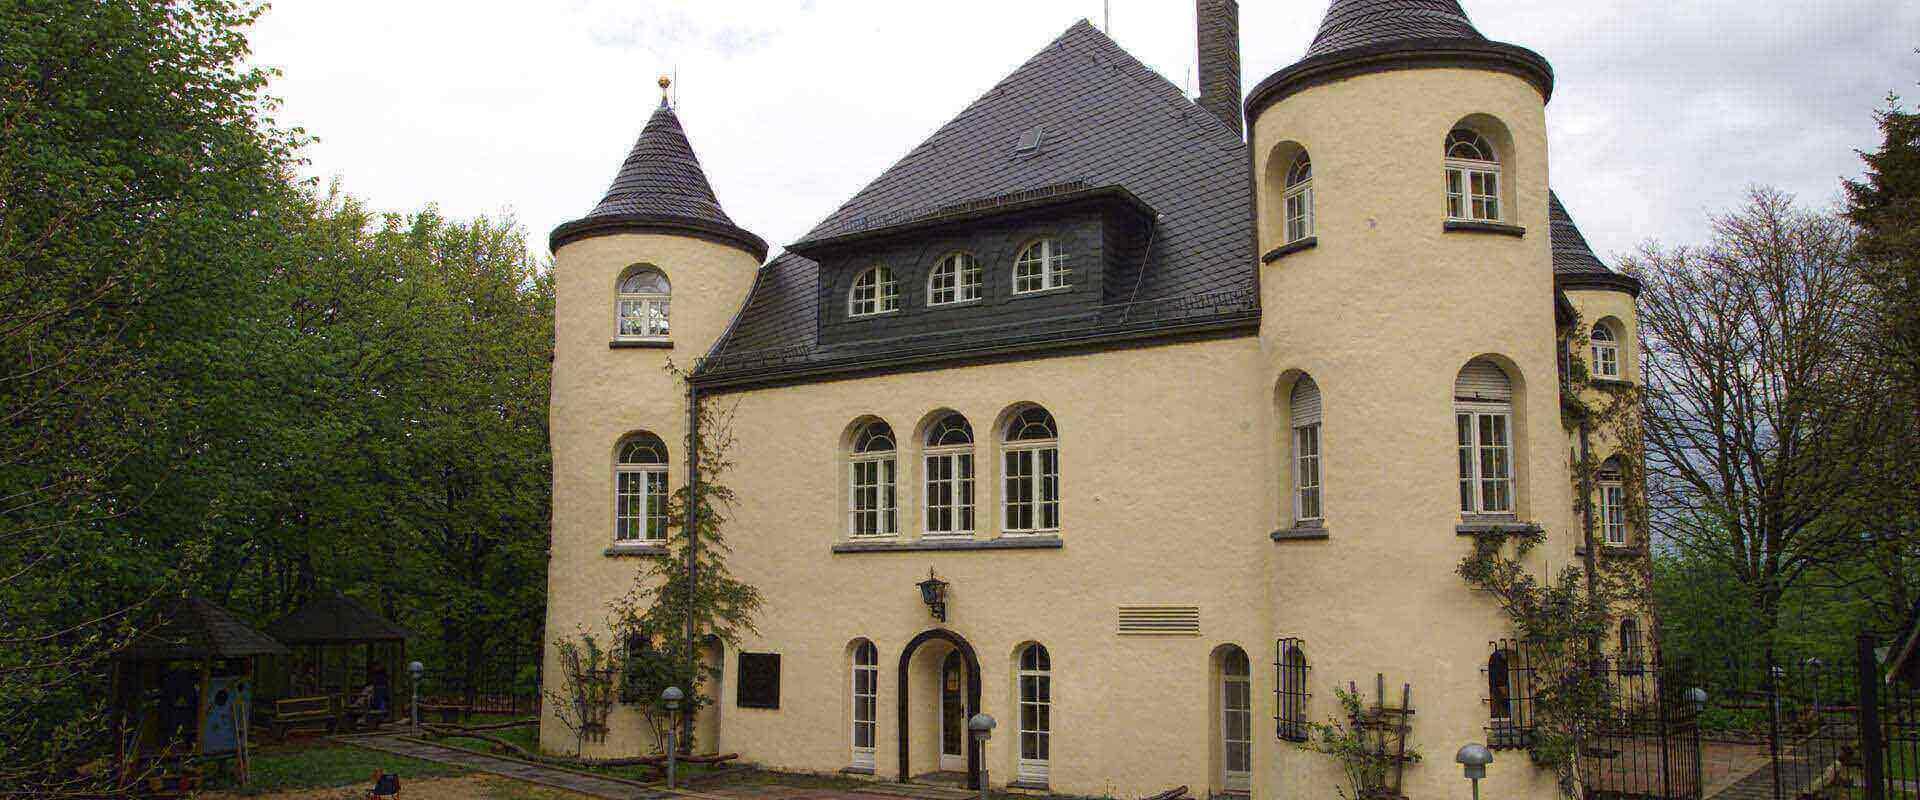 MEDIAN Klinik Daun Altburg Außenansicht